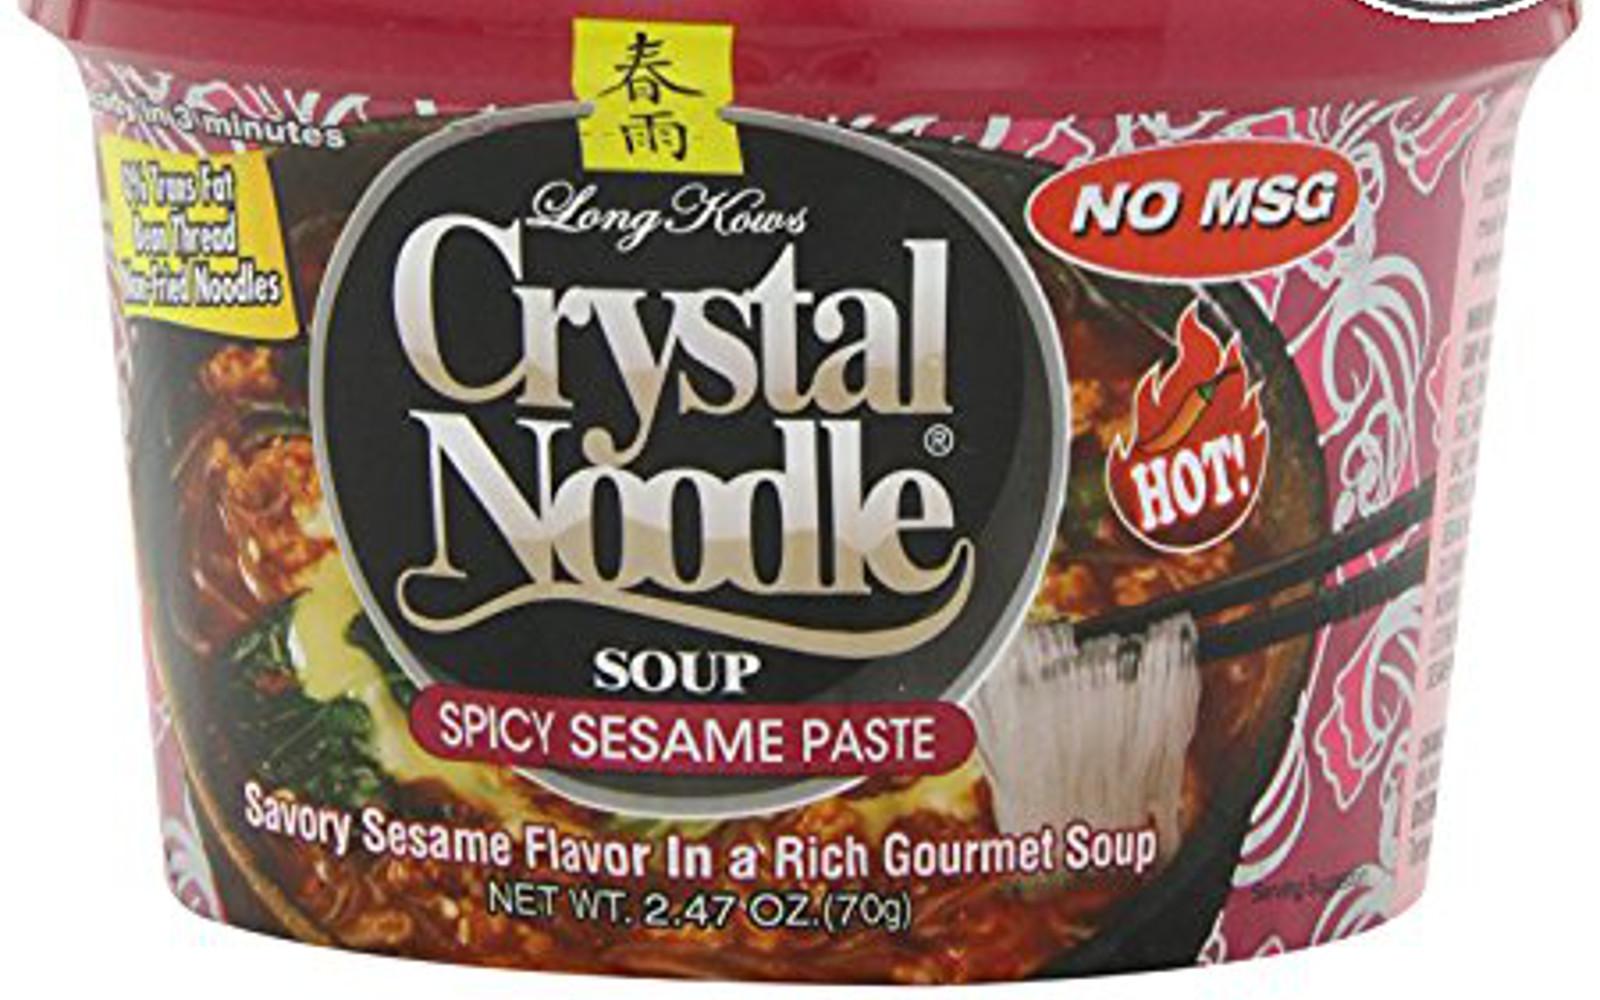 Vegan crystal noodle instant noodles